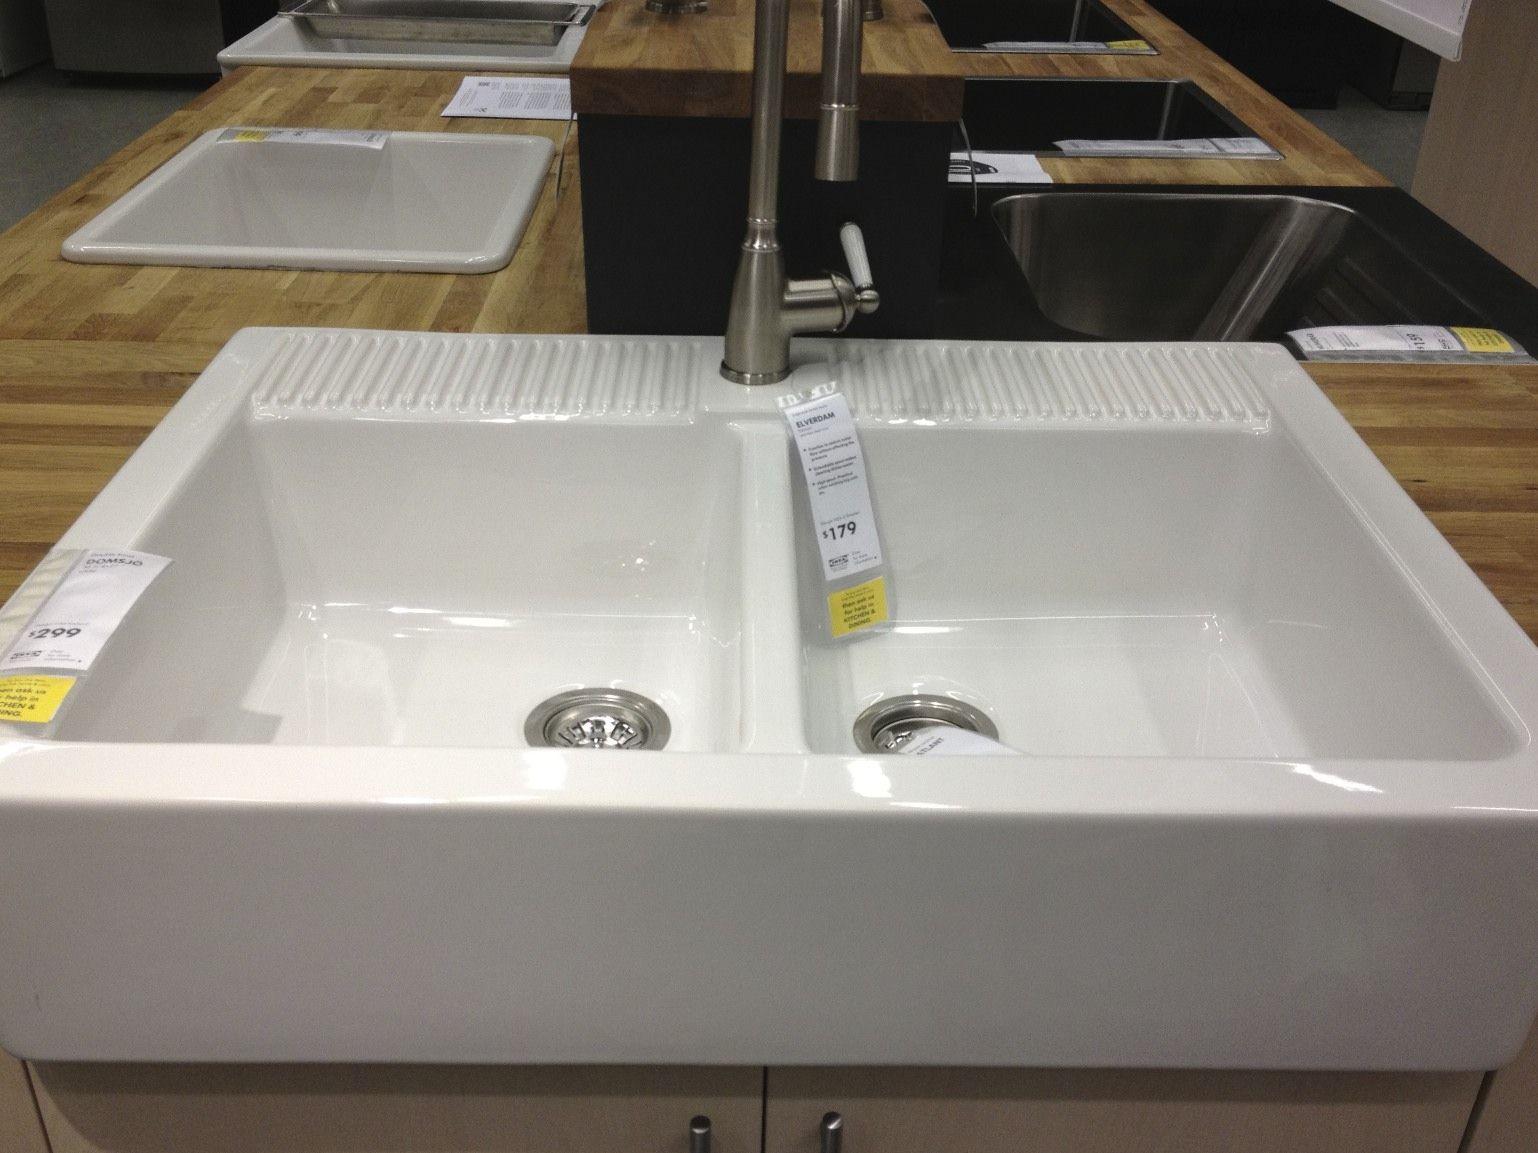 Ikea Kitchen Tour Ikea kitchen sink, Farmhouse sink